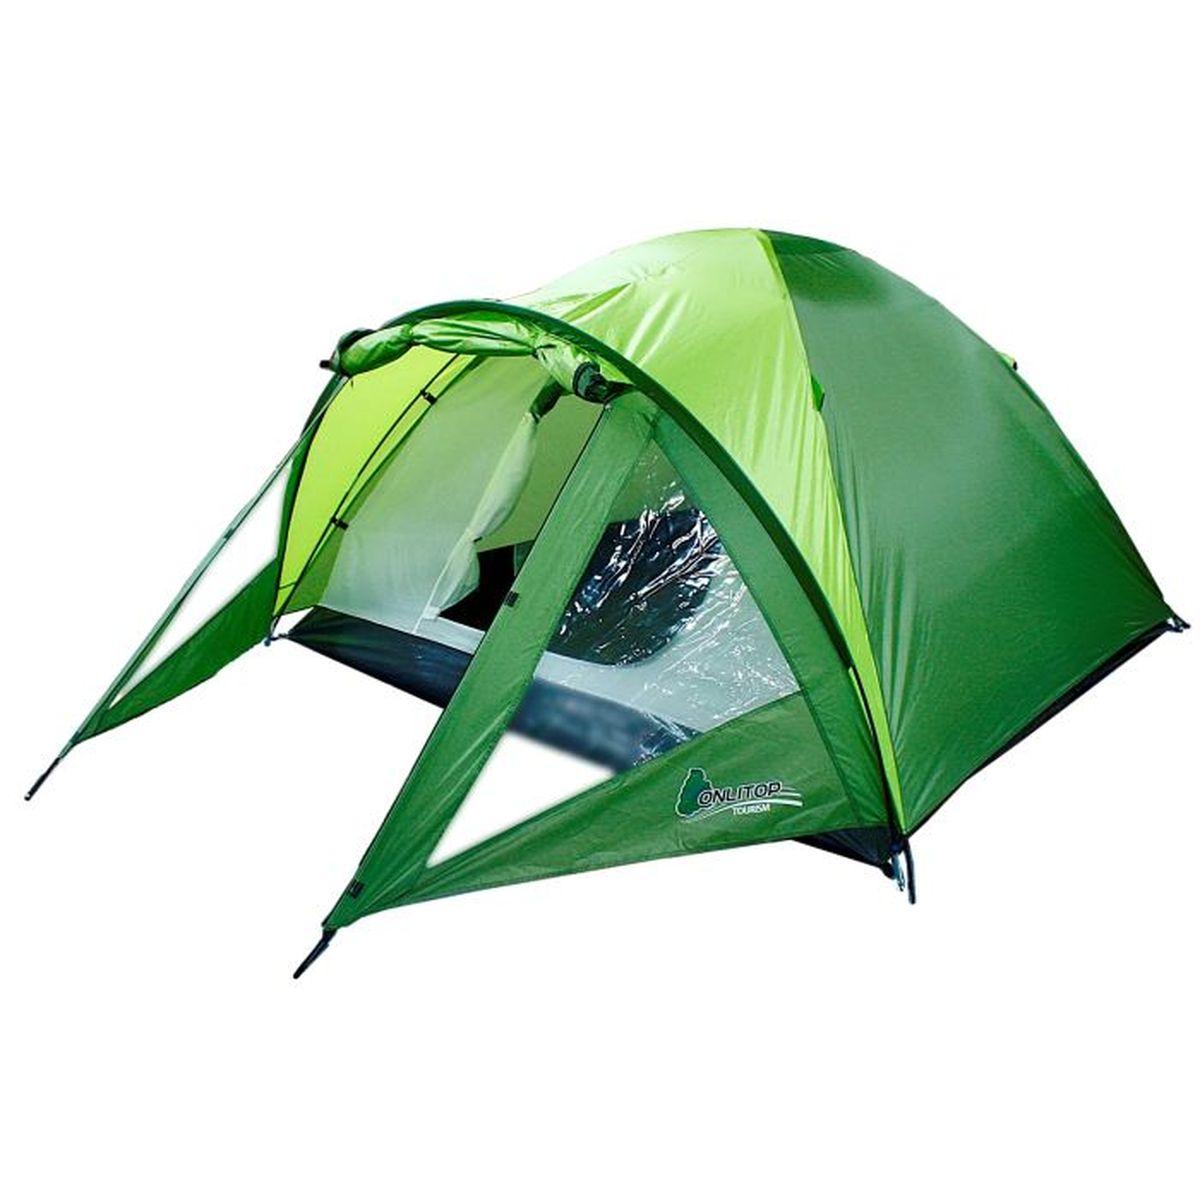 Палатка туристическая Onlitop TREKKER 3, цвет: зеленый776286Если вы заядлый турист или просто любитель природы, вы хоть раз задумывались о ночёвке на свежем воздухе. Чтобы провести её с комфортом, вам понадобится отличная палатка, Она обеспечит безопасный досуг и защитит от непогоды и насекомых. Ткань рипстоп гарантирует длительную эксплуатацию палатки за счёт высокой прочности материала.